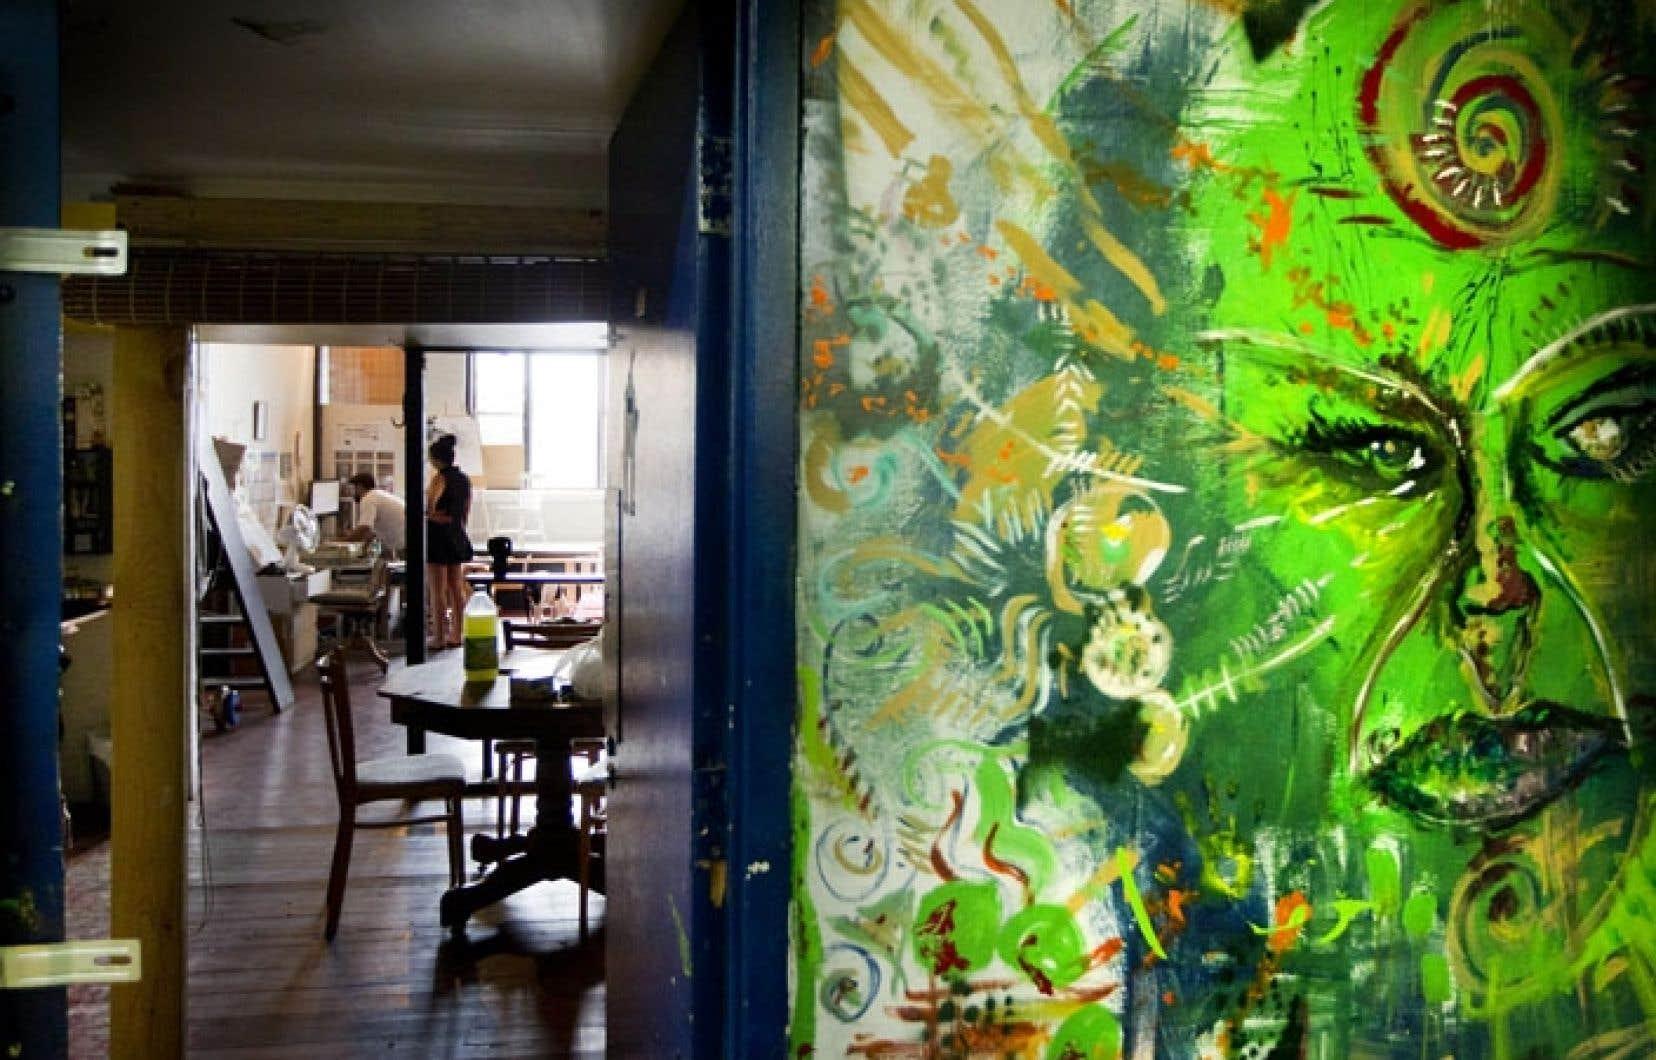 Des artistes habitent déjà les lofts de la rue Moreau - qui coûtent autour de 1000 $ par mois -, mais l'immeuble a besoin de rénovations majeures après avoir été négligé pendant plusieurs années.